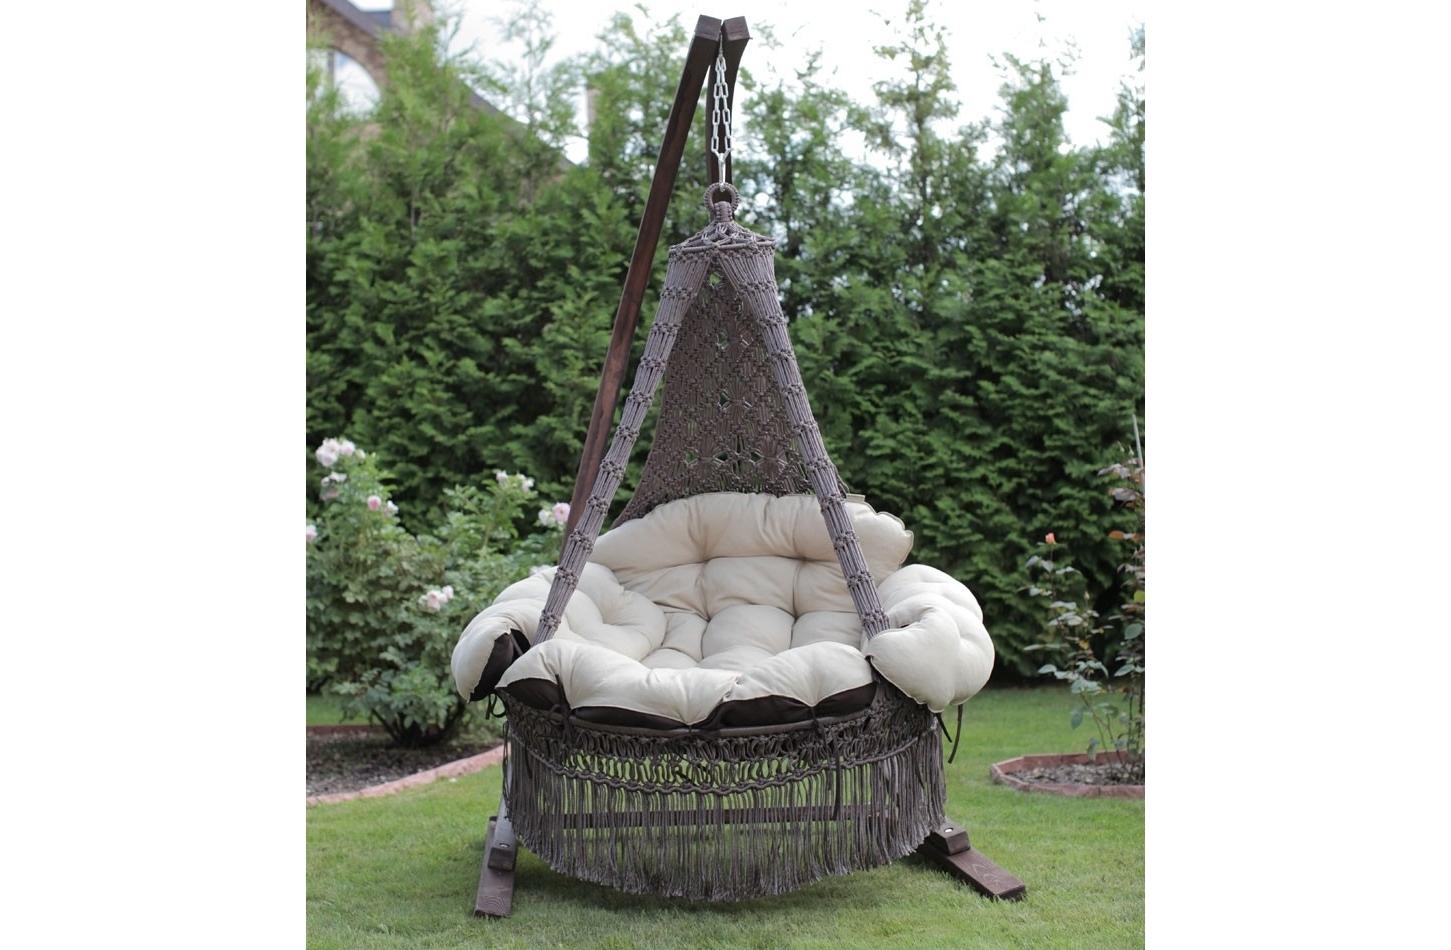 Подвесное кресло-качели CARTAGENA (коричневый)Качели<br>&amp;lt;div&amp;gt;Представляем подвесной гамак-кресло CARTAGENA с невероятно мягкими и комфортными подушками. Чехлы у подушек сделаны из хлопко-полиэфирной ткани, она не теряет формы. Наполнитель подушек – материал «холлофайбер» не отсыревает, быстро восстанавливает форму. Для удобства в гамаке-кресле CARTAGENA предусмотрена регулировка по высоте передней части кресла, таким образом, что с помощью фиксаторов внутри декоративной оплетки, можно настроить наиболее комфортное положение кресла.&amp;lt;/div&amp;gt;&amp;lt;div&amp;gt;Характеристики&amp;lt;/div&amp;gt;&amp;lt;div&amp;gt;Размеры кресла: ?120?180(H) см&amp;lt;/div&amp;gt;&amp;lt;div&amp;gt;Вес кресла с подушками: 16 кг&amp;lt;/div&amp;gt;&amp;lt;div&amp;gt;Выдерживаемый вес: 200 кг&amp;lt;/div&amp;gt;&amp;lt;div&amp;gt;Цвет: коричневый&amp;amp;nbsp;&amp;lt;/div&amp;gt;&amp;lt;div&amp;gt;Размеры упаковки: 120х30х135&amp;lt;/div&amp;gt;&amp;lt;div&amp;gt;Каркас в стоимость не входит.&amp;lt;/div&amp;gt;<br><br>Material: Текстиль<br>Length см: None<br>Width см: None<br>Depth см: None<br>Height см: 180.0<br>Diameter см: 125.0